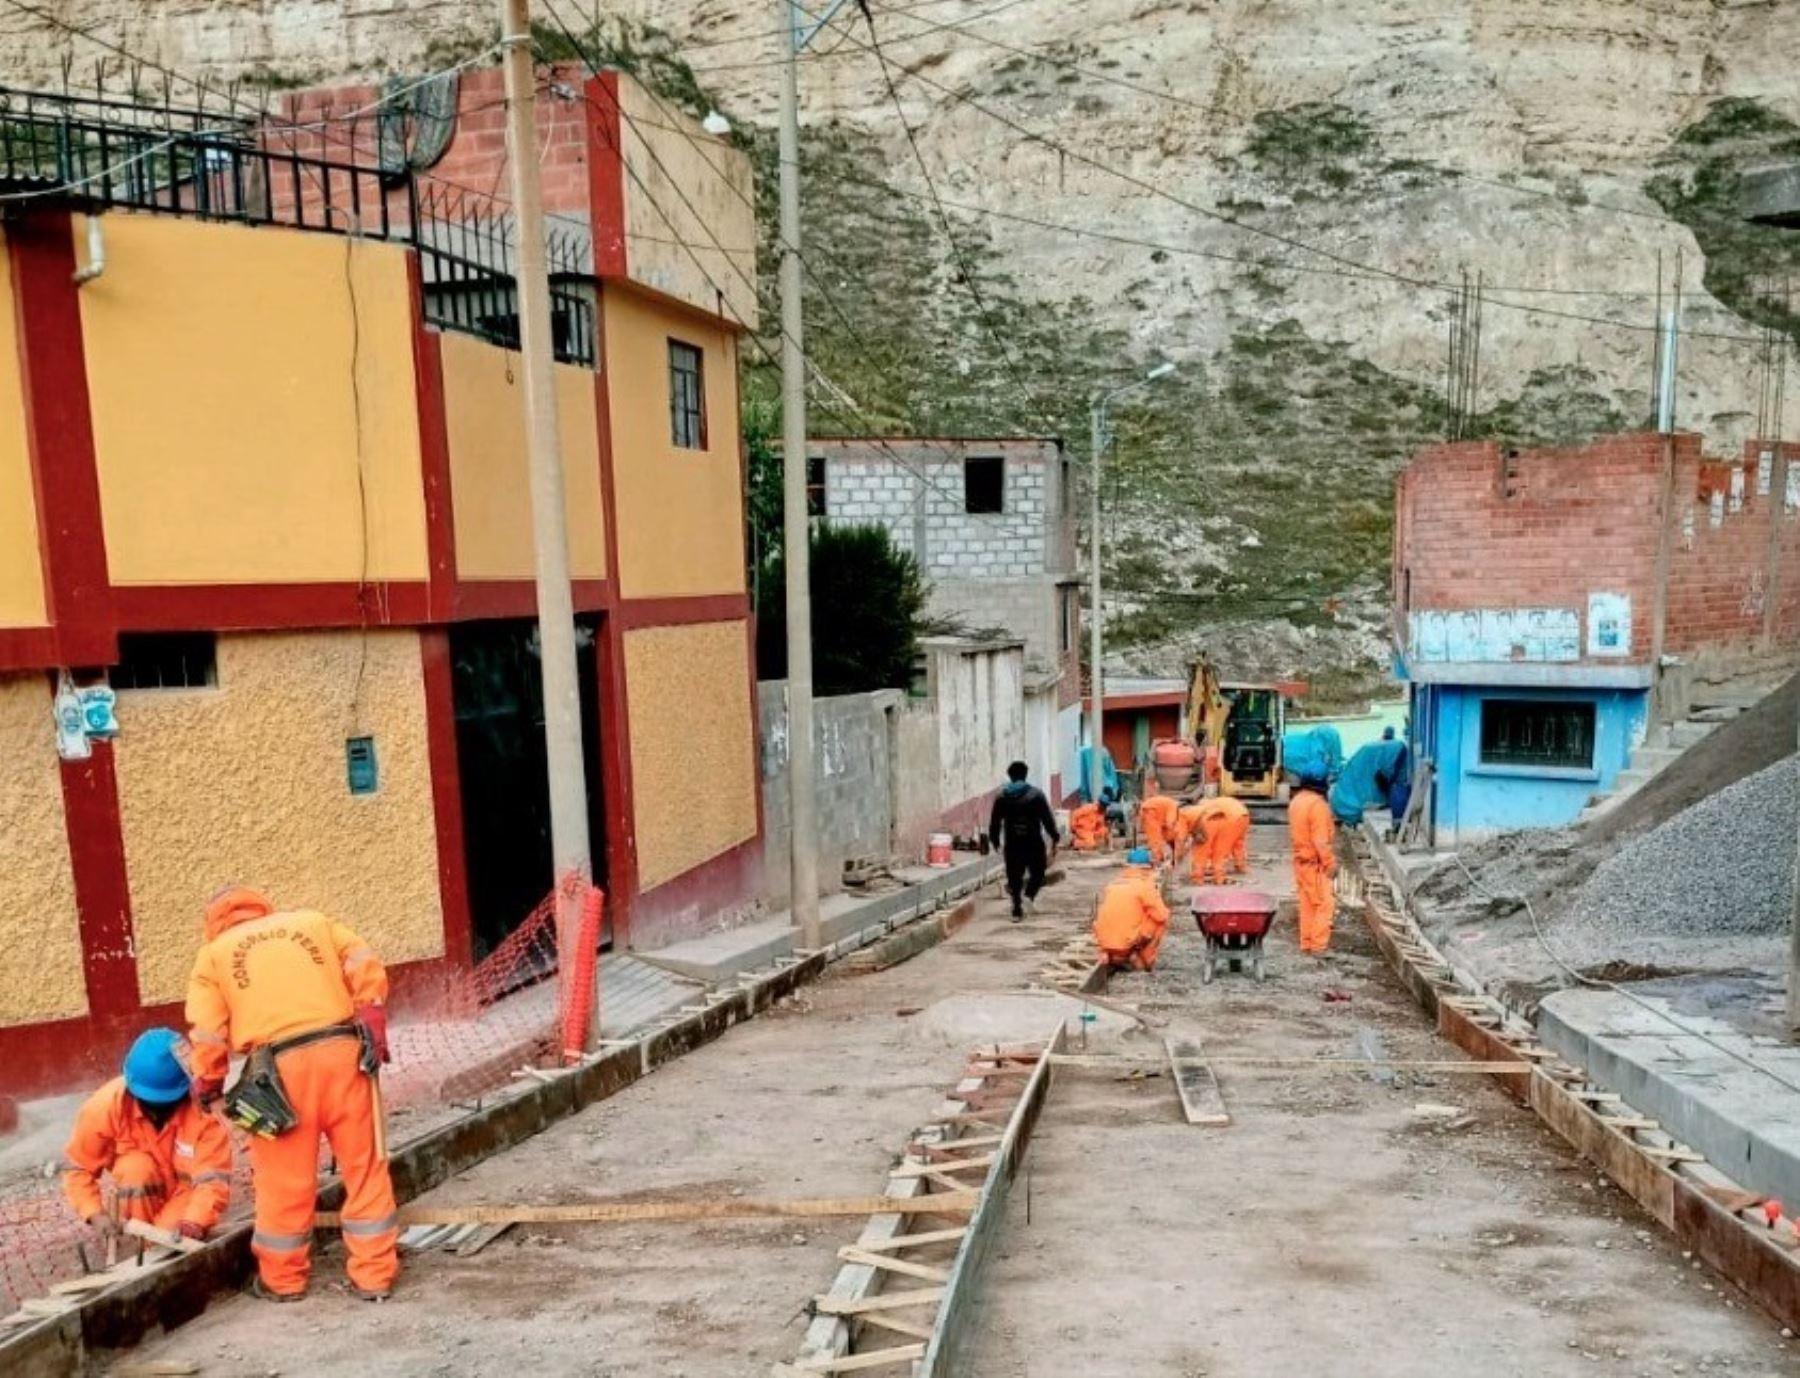 La empresa Activos Mineros reinició los trabajos de remediación de suelos mineralizados en La Oroya, capital de la provincia de Yauri, en Junín. ANDINA/Difusión